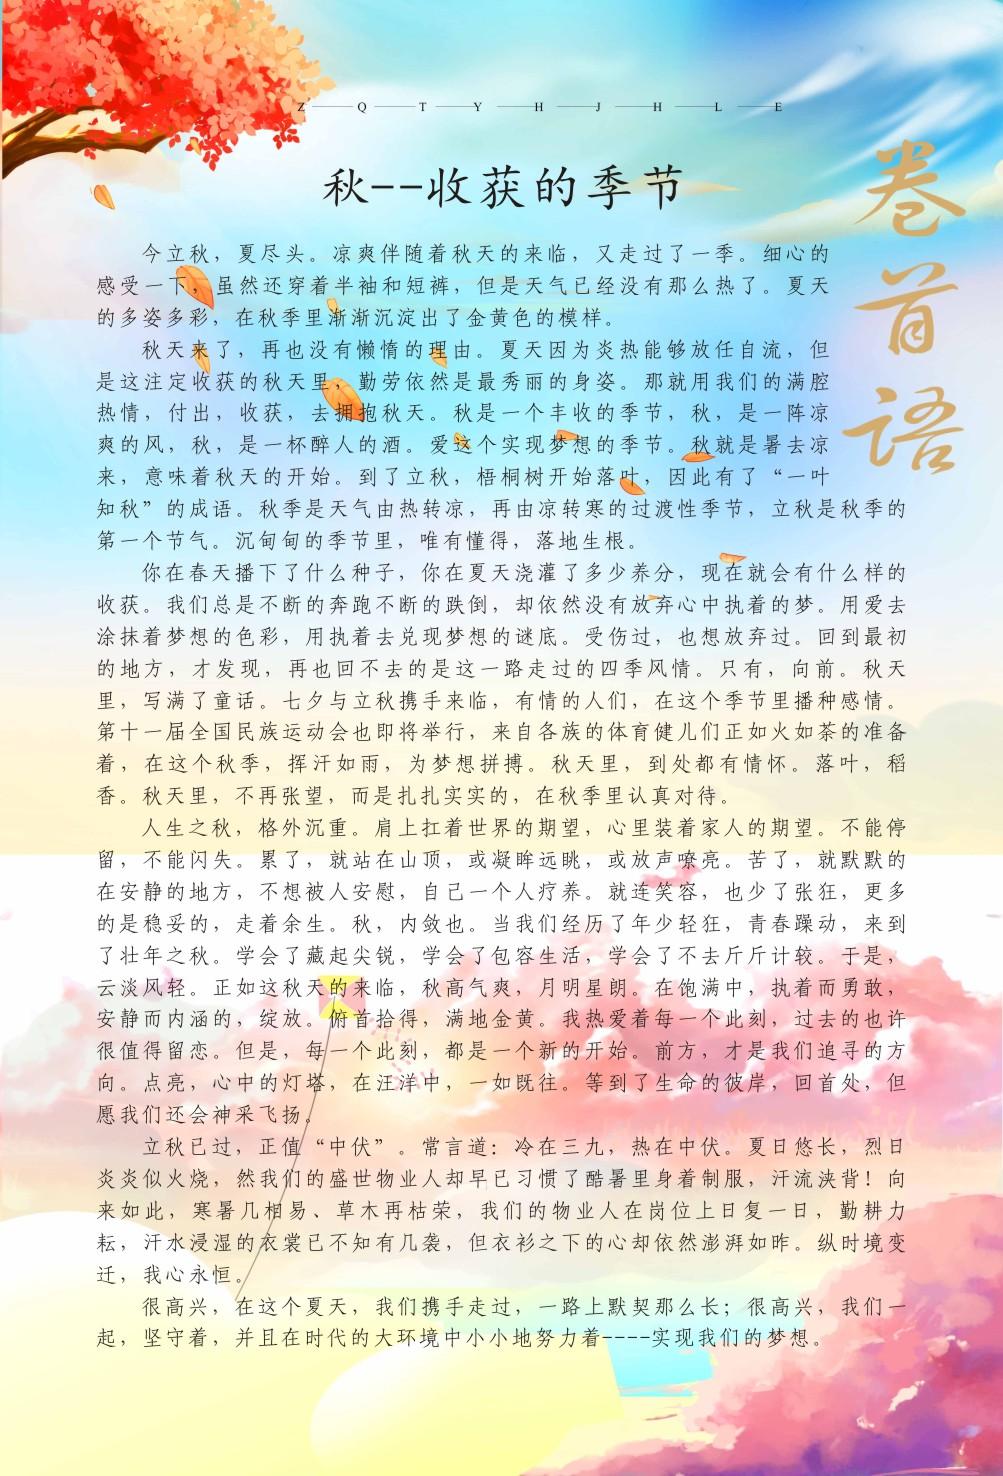 物业月刊最新的(2019-7月份)-01.jpg